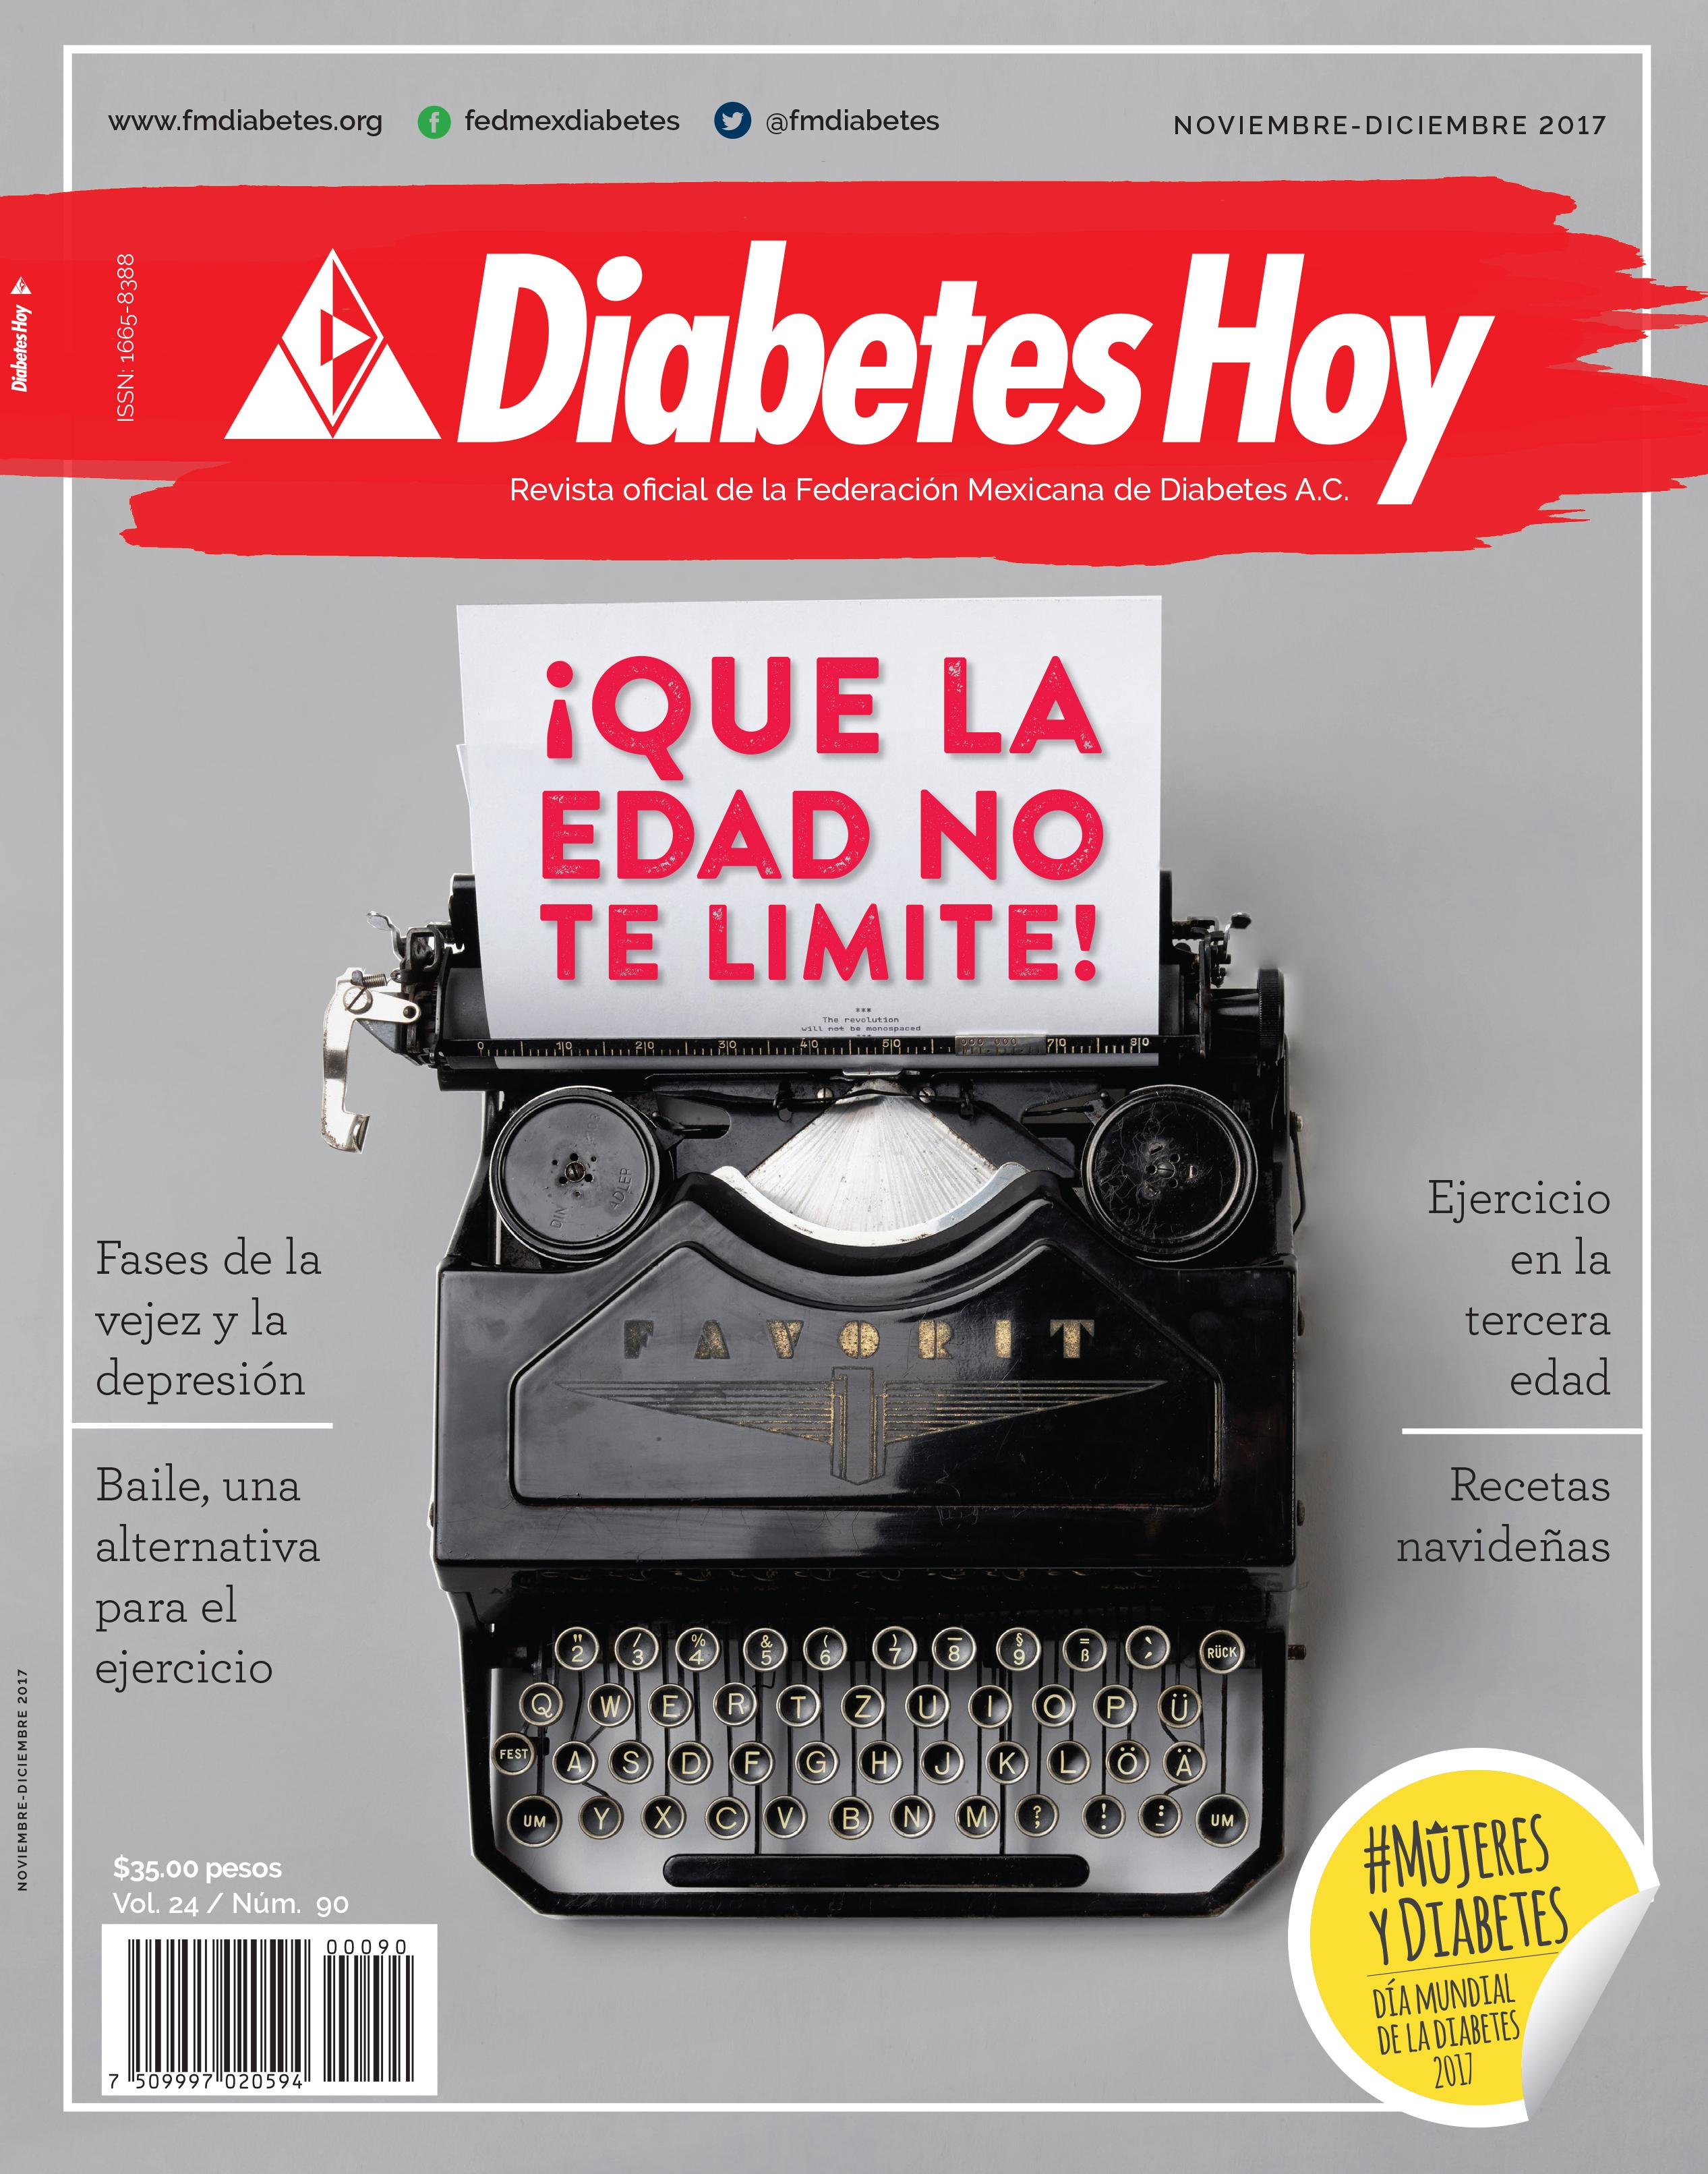 Revista Diabetes Hoy noviembre-diciembre 2017